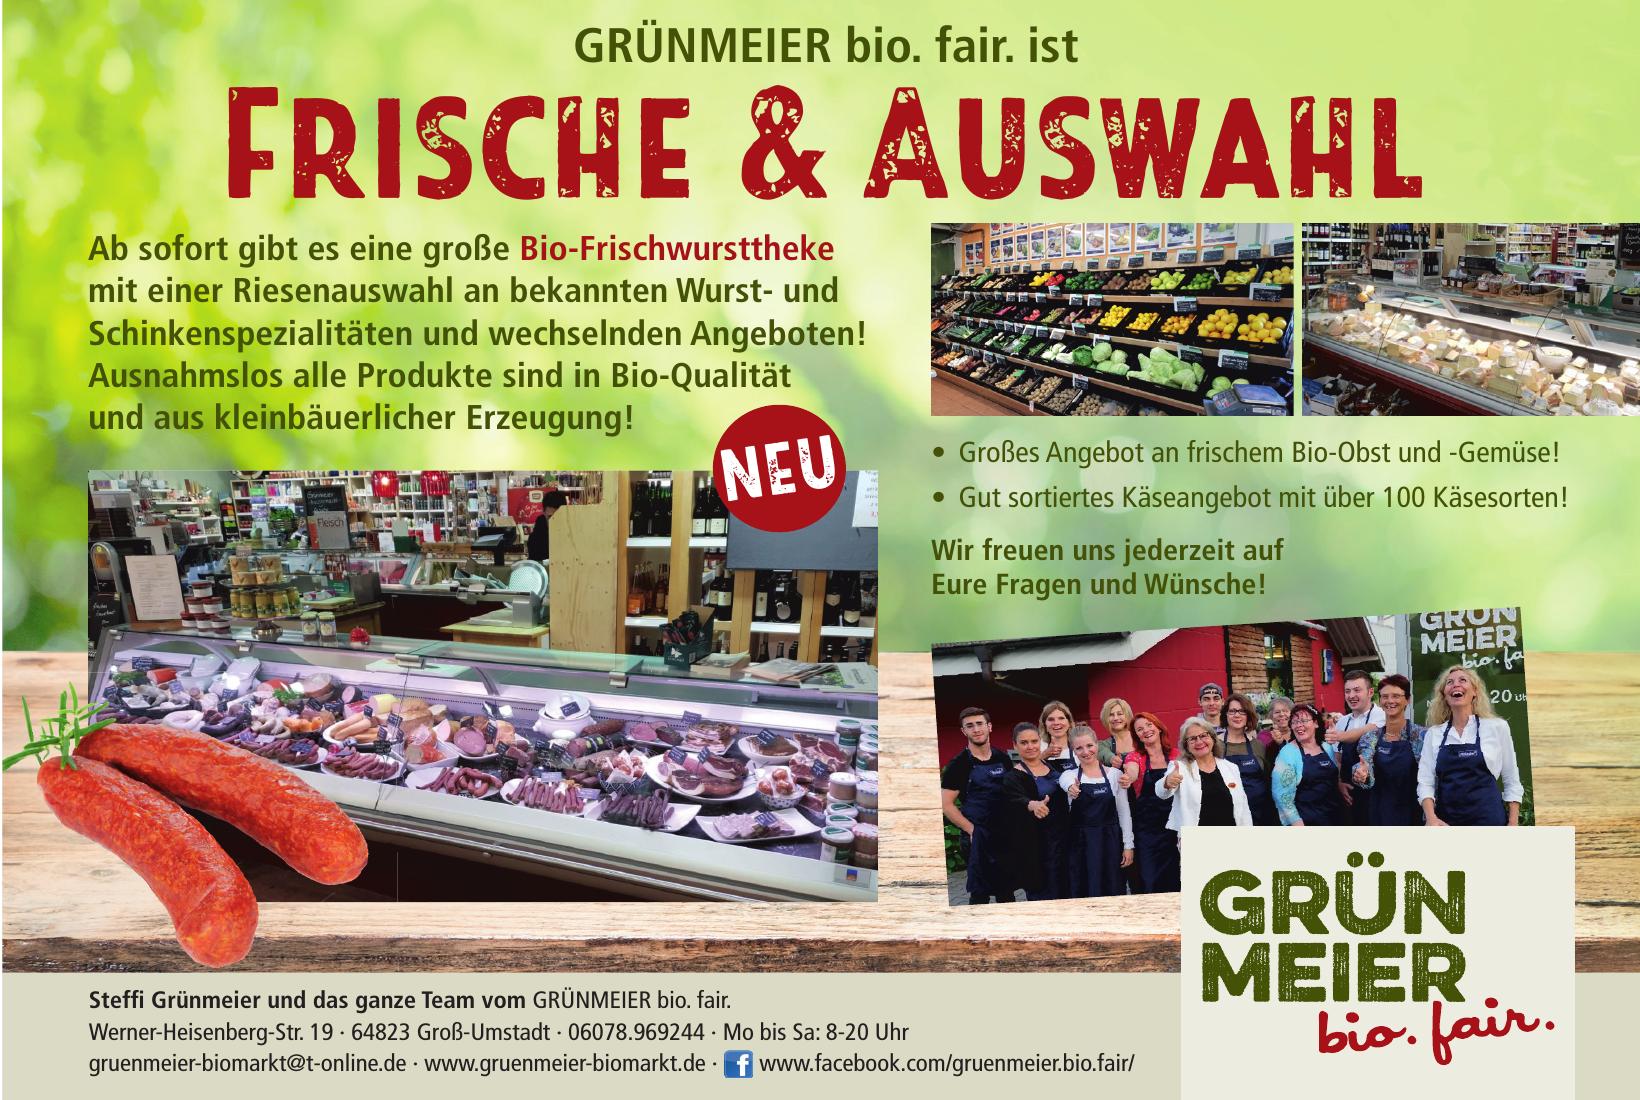 Grünmeier Biomarkt